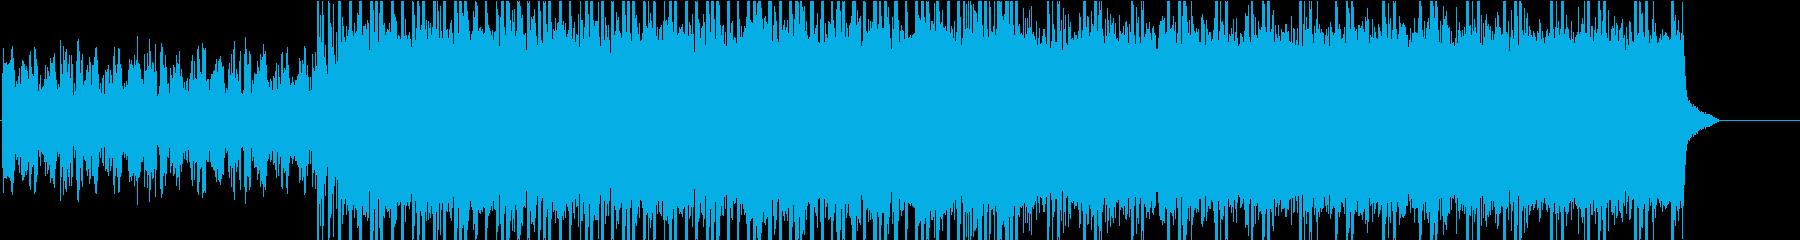 激しいギターリフの曲です!の再生済みの波形